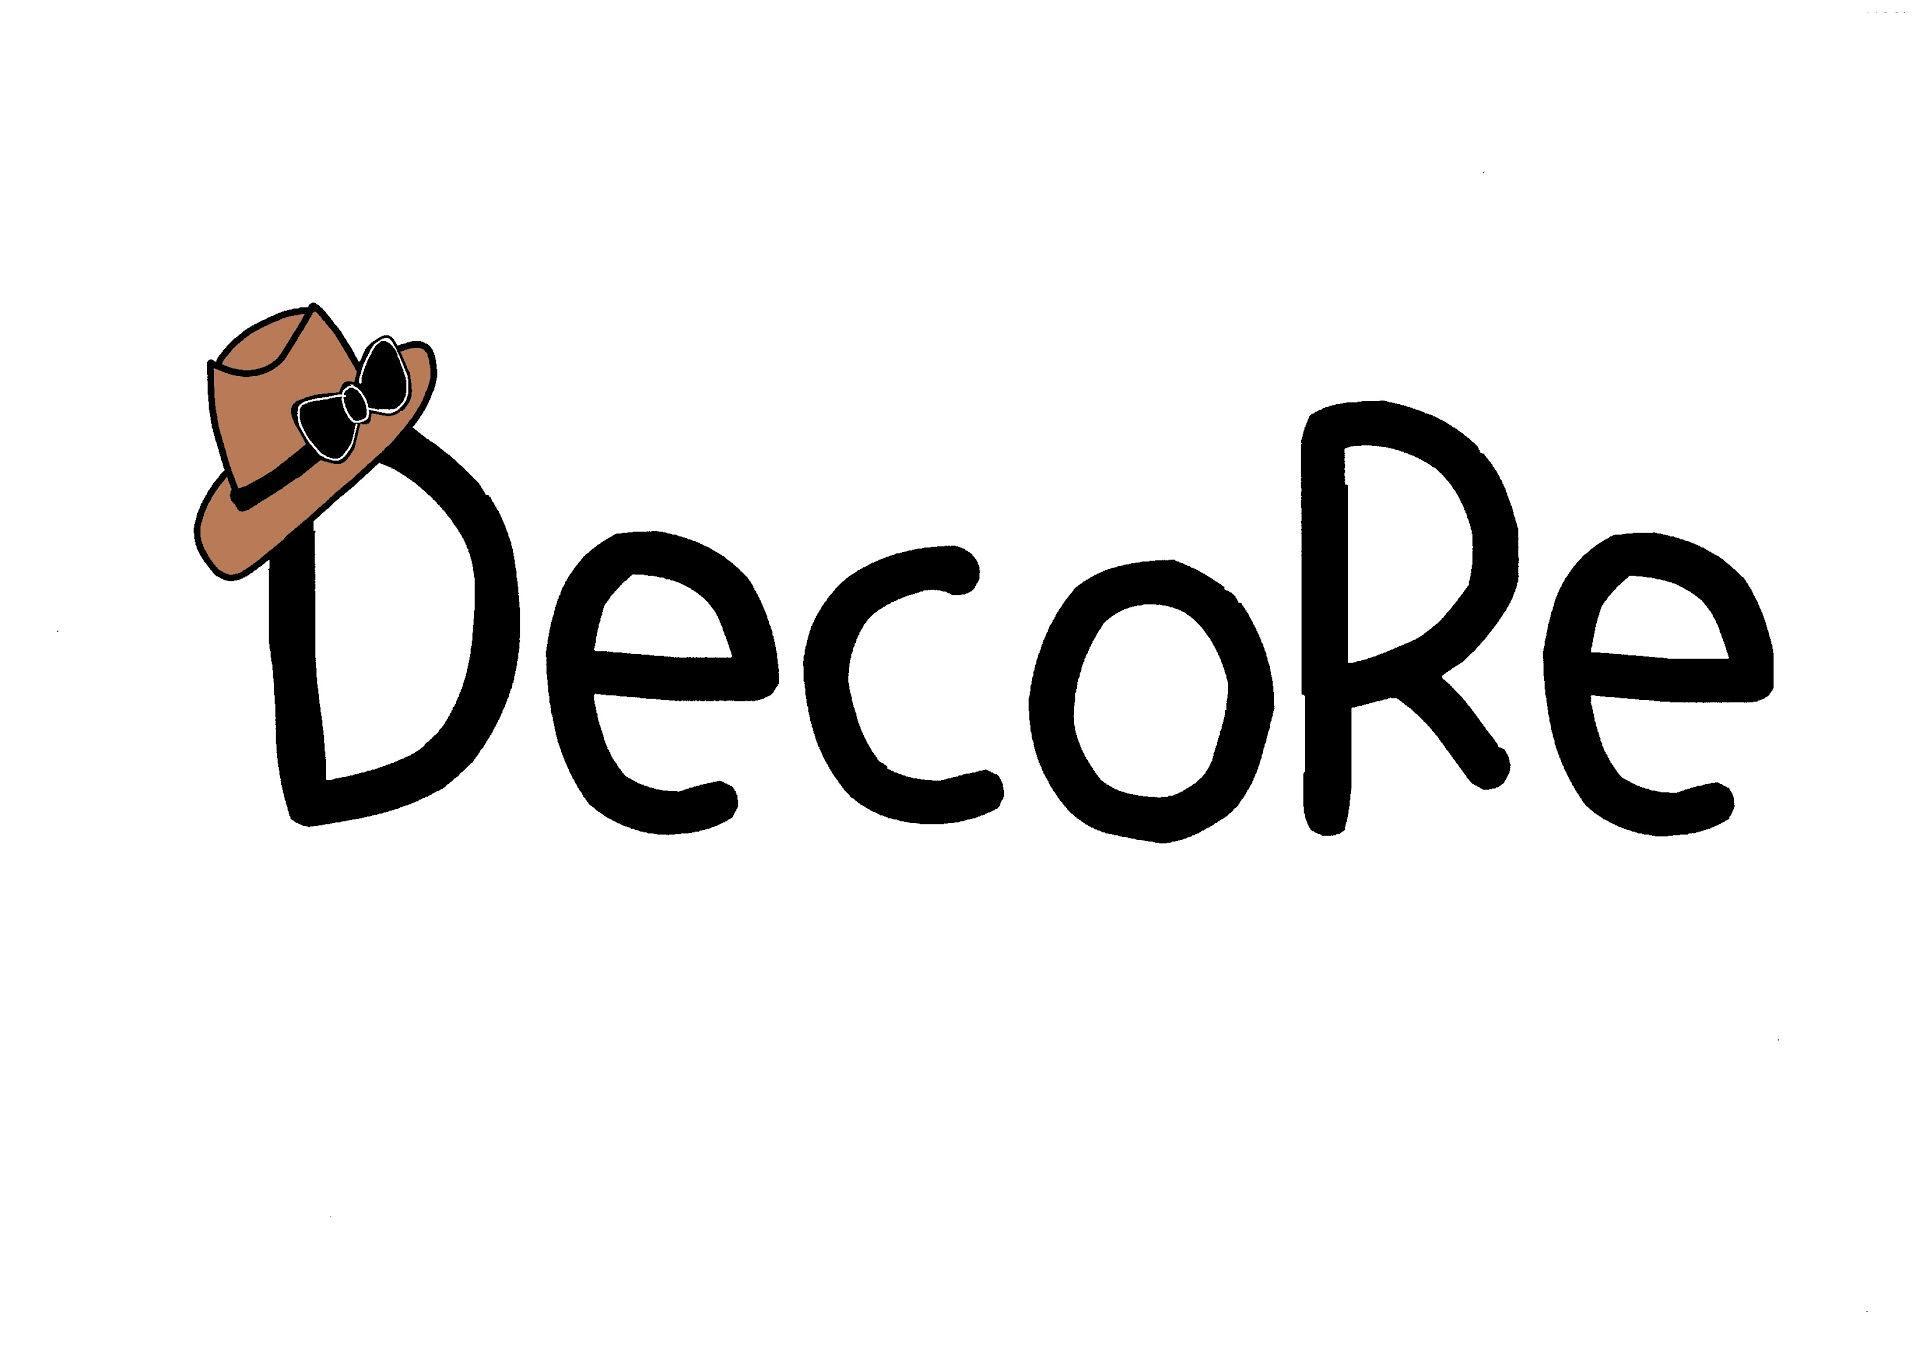 DecoRe01